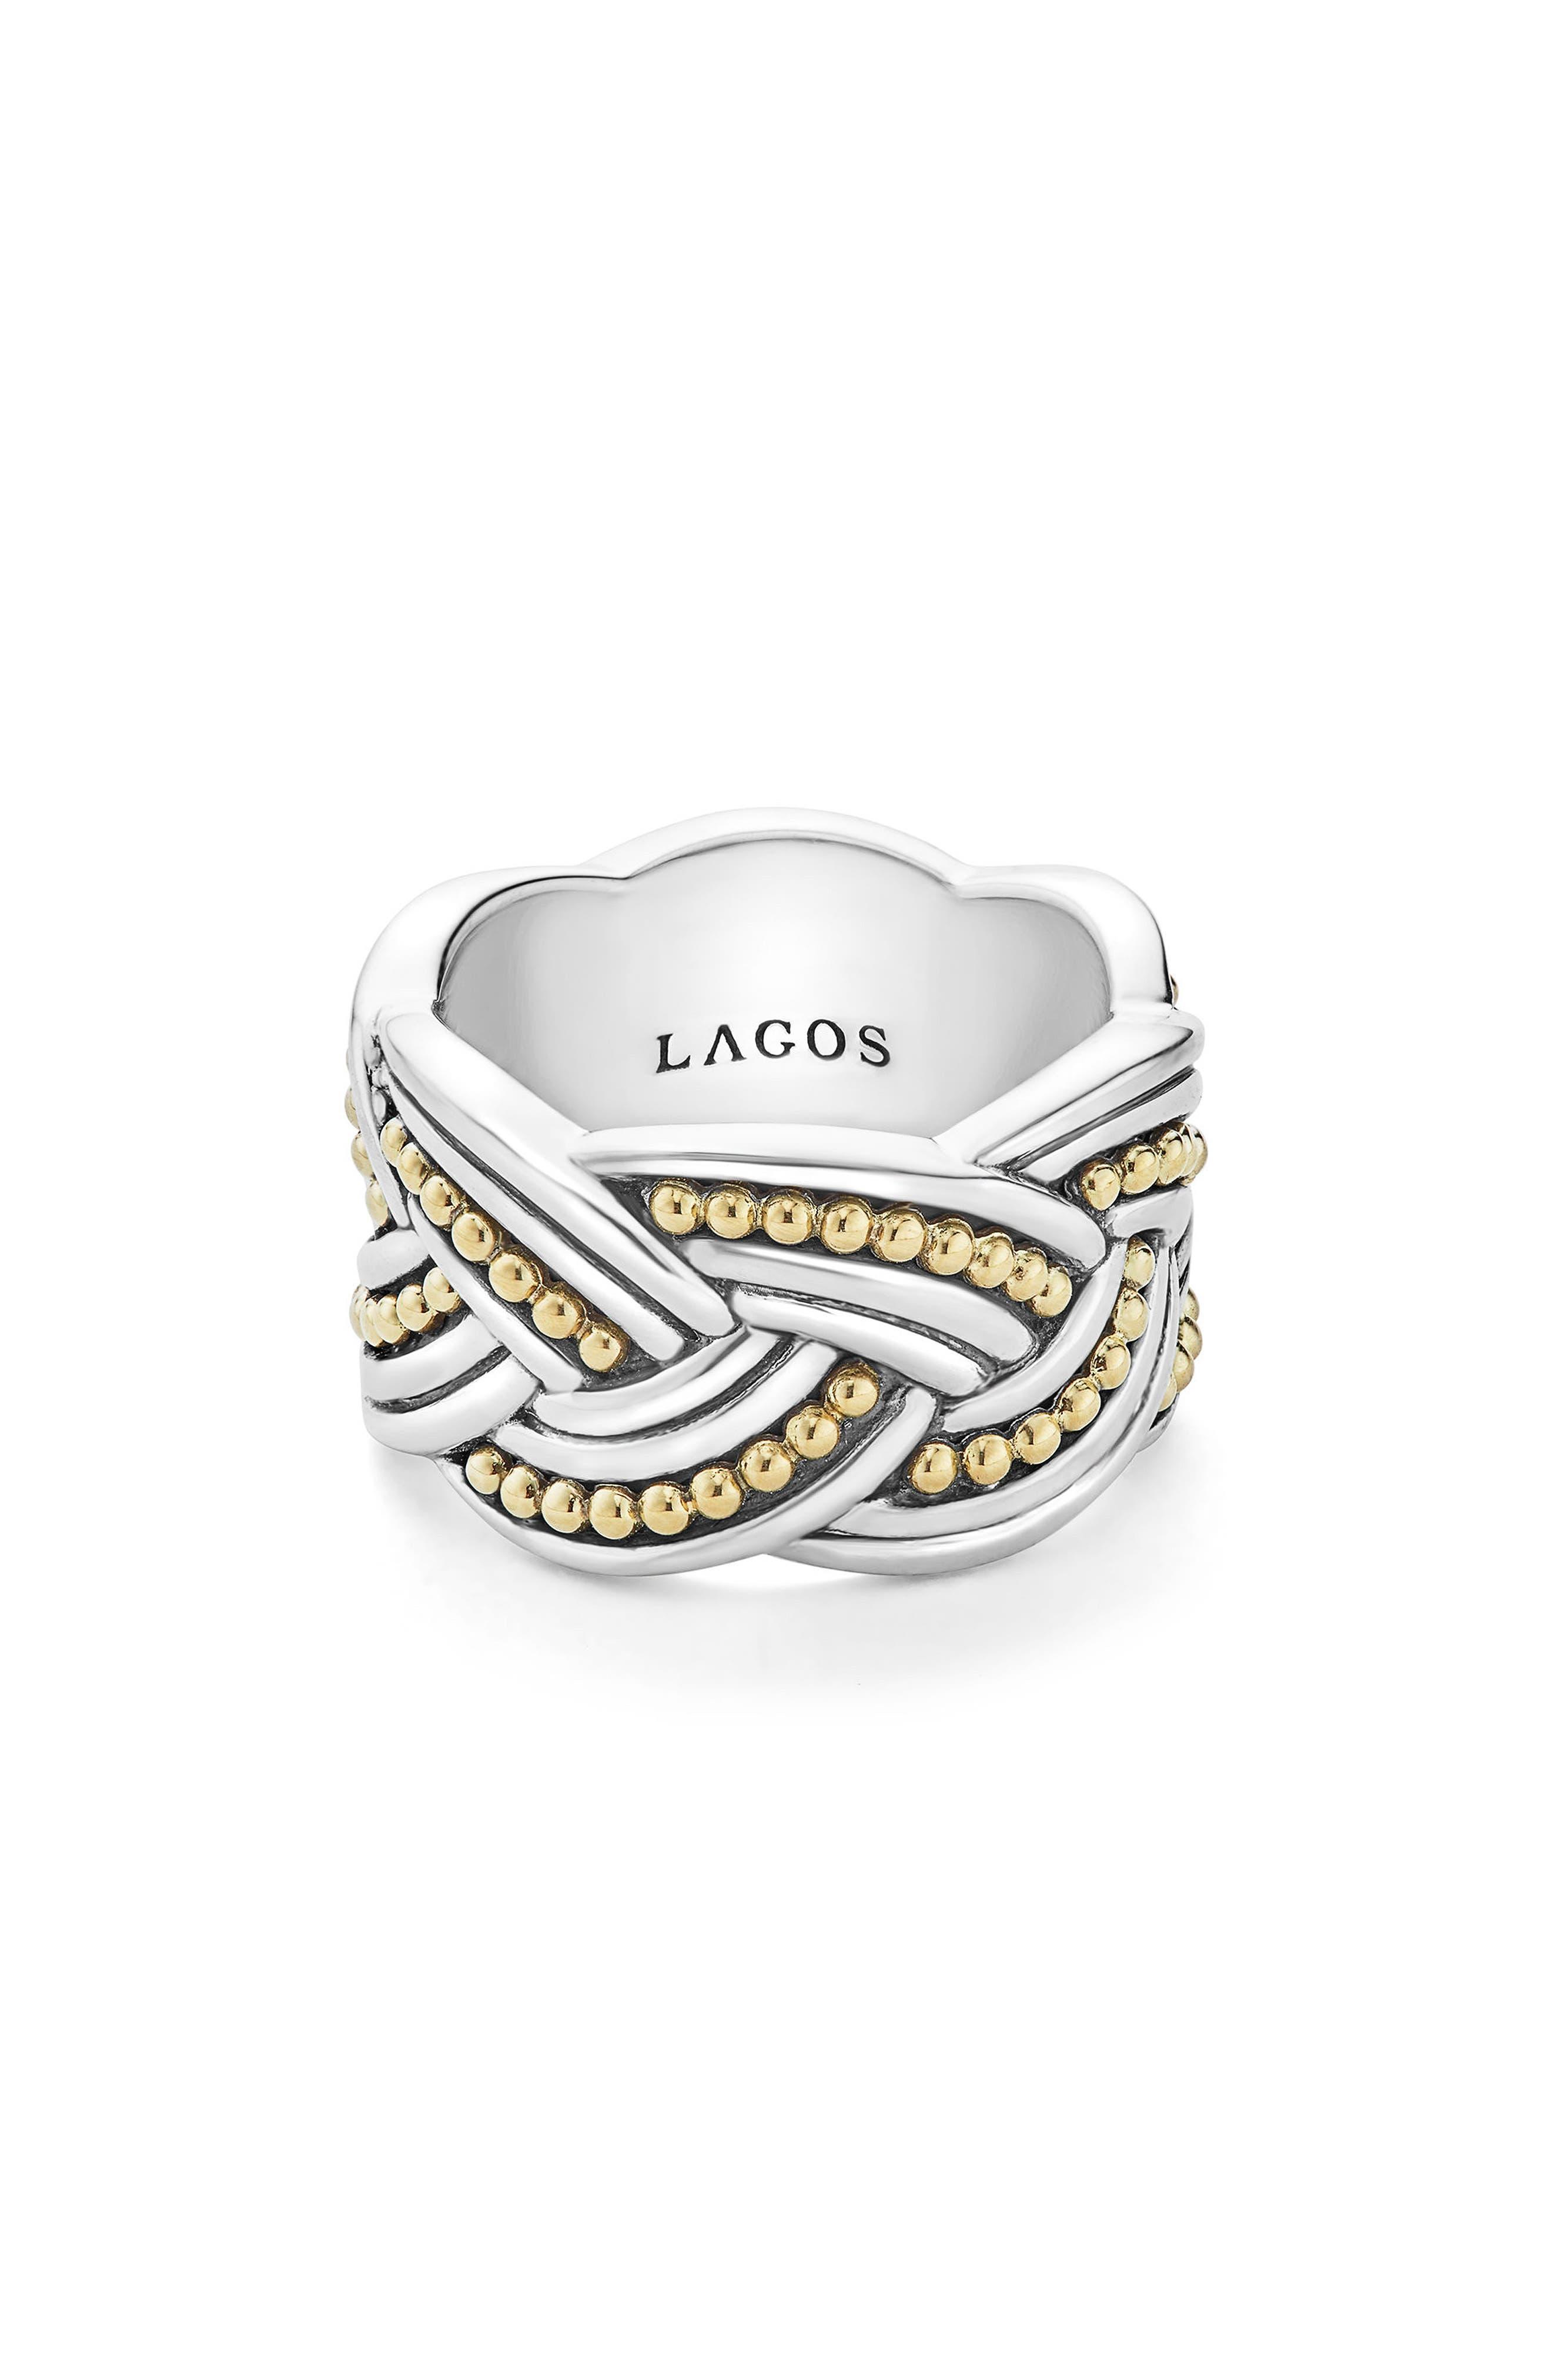 Main Image - LAGOS Torsade Knot Ring